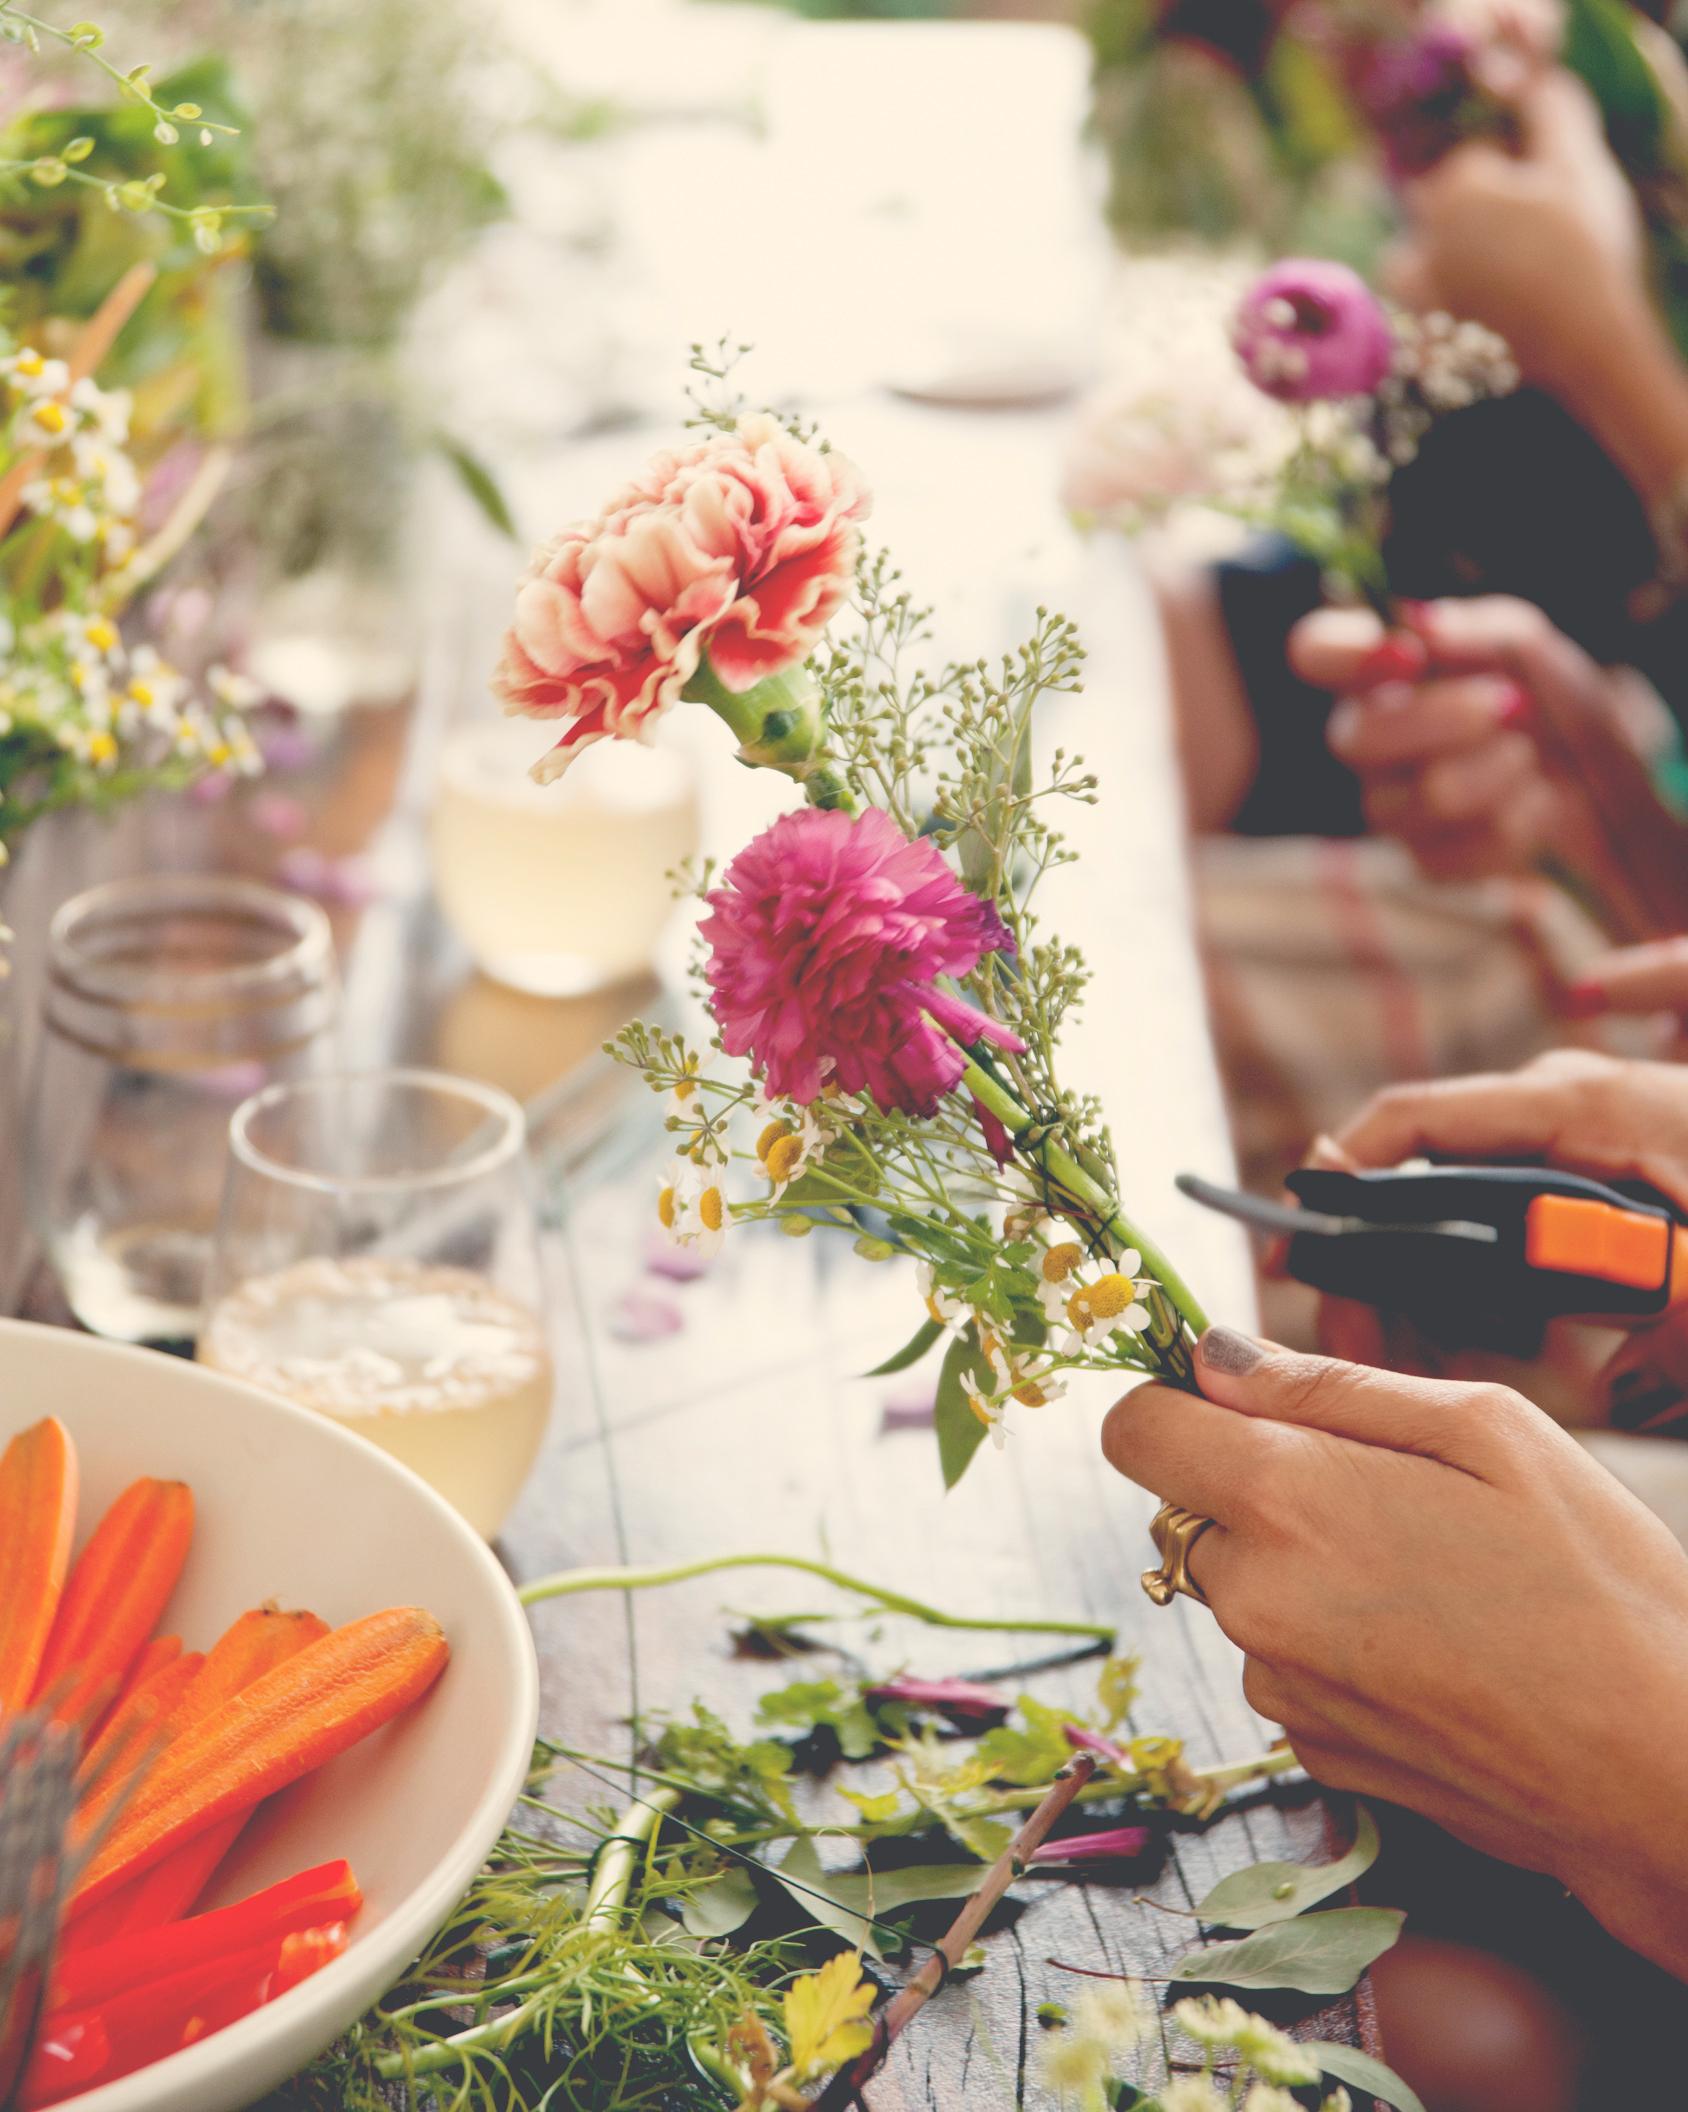 claire-thomas-bridal-shower-garden-flower-craft-cutting-0814.jpg